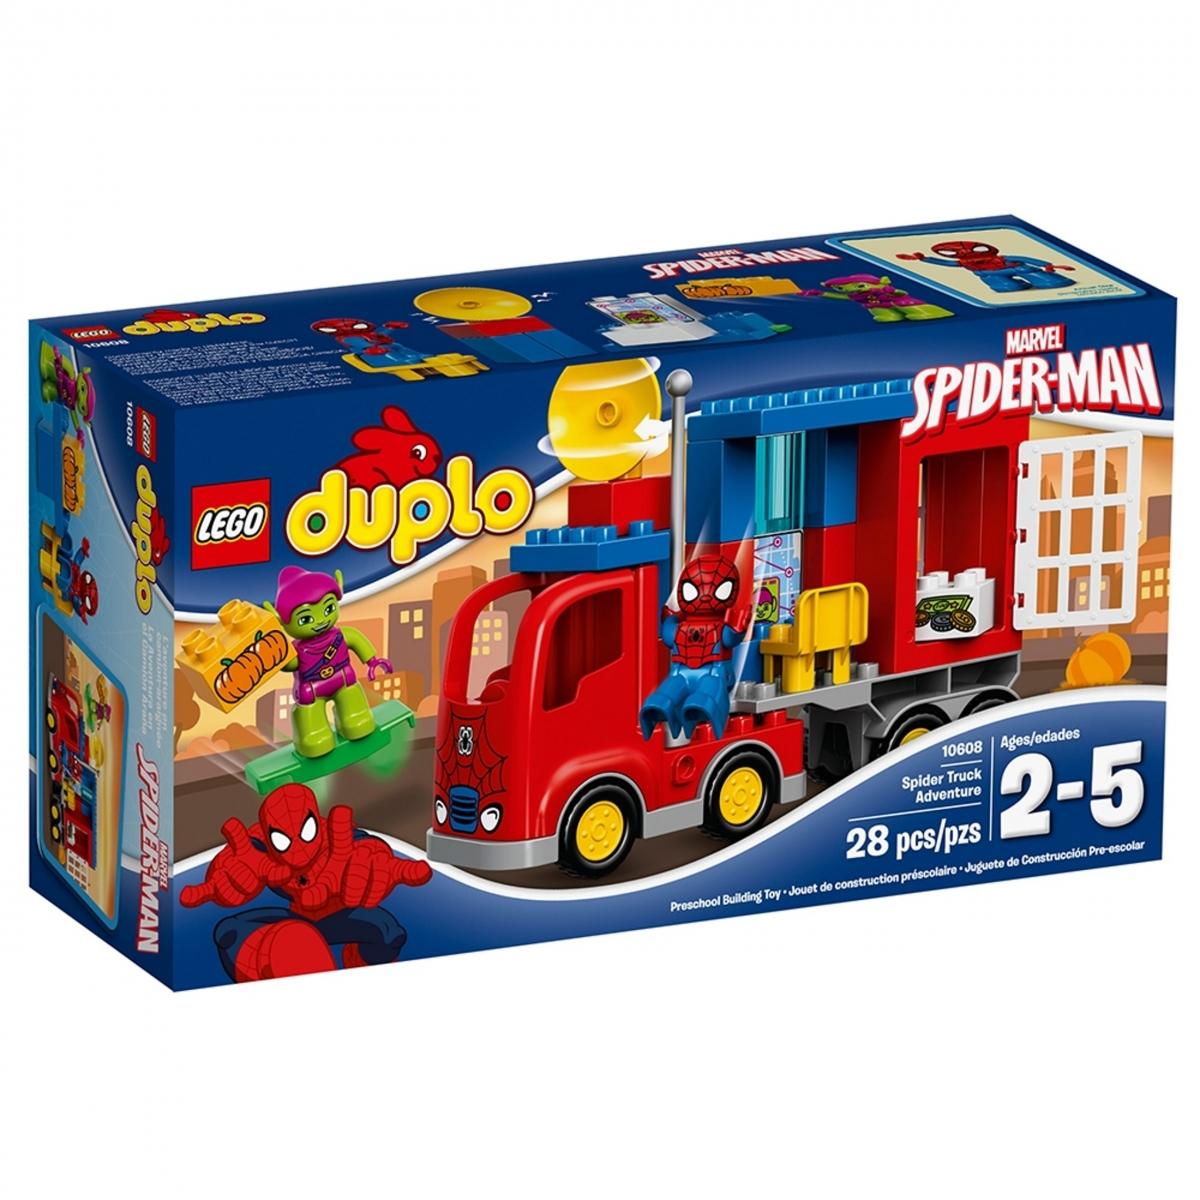 lego 10608 spider man spider truck adventure scaled